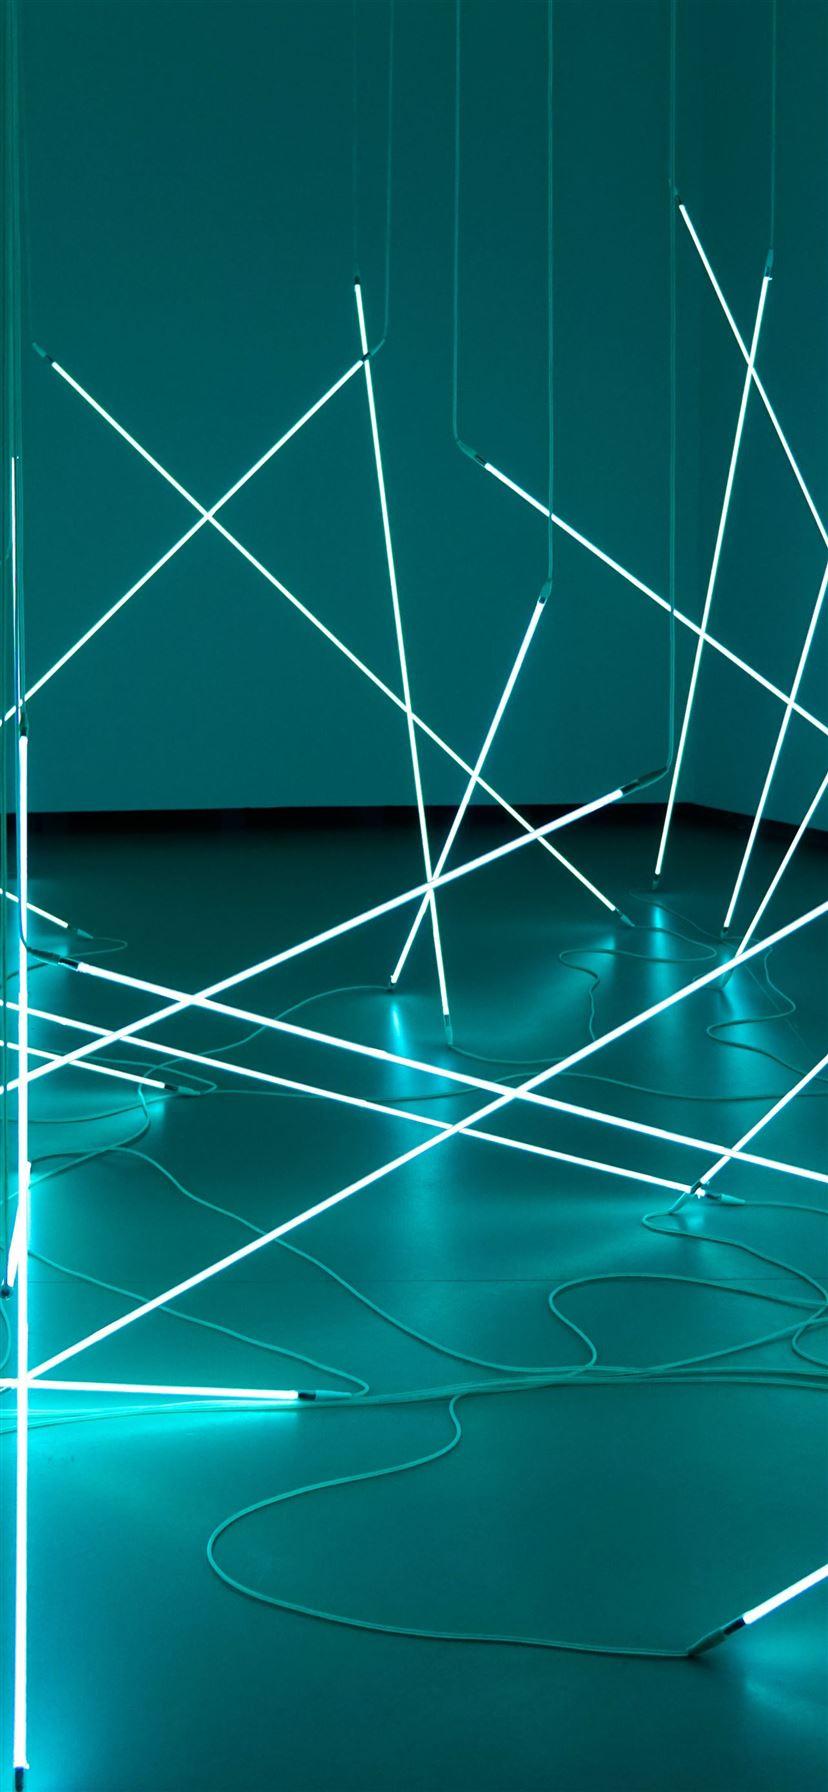 Best Neon Iphone 11 Wallpapers Hd 2020 Ilikewallpaper